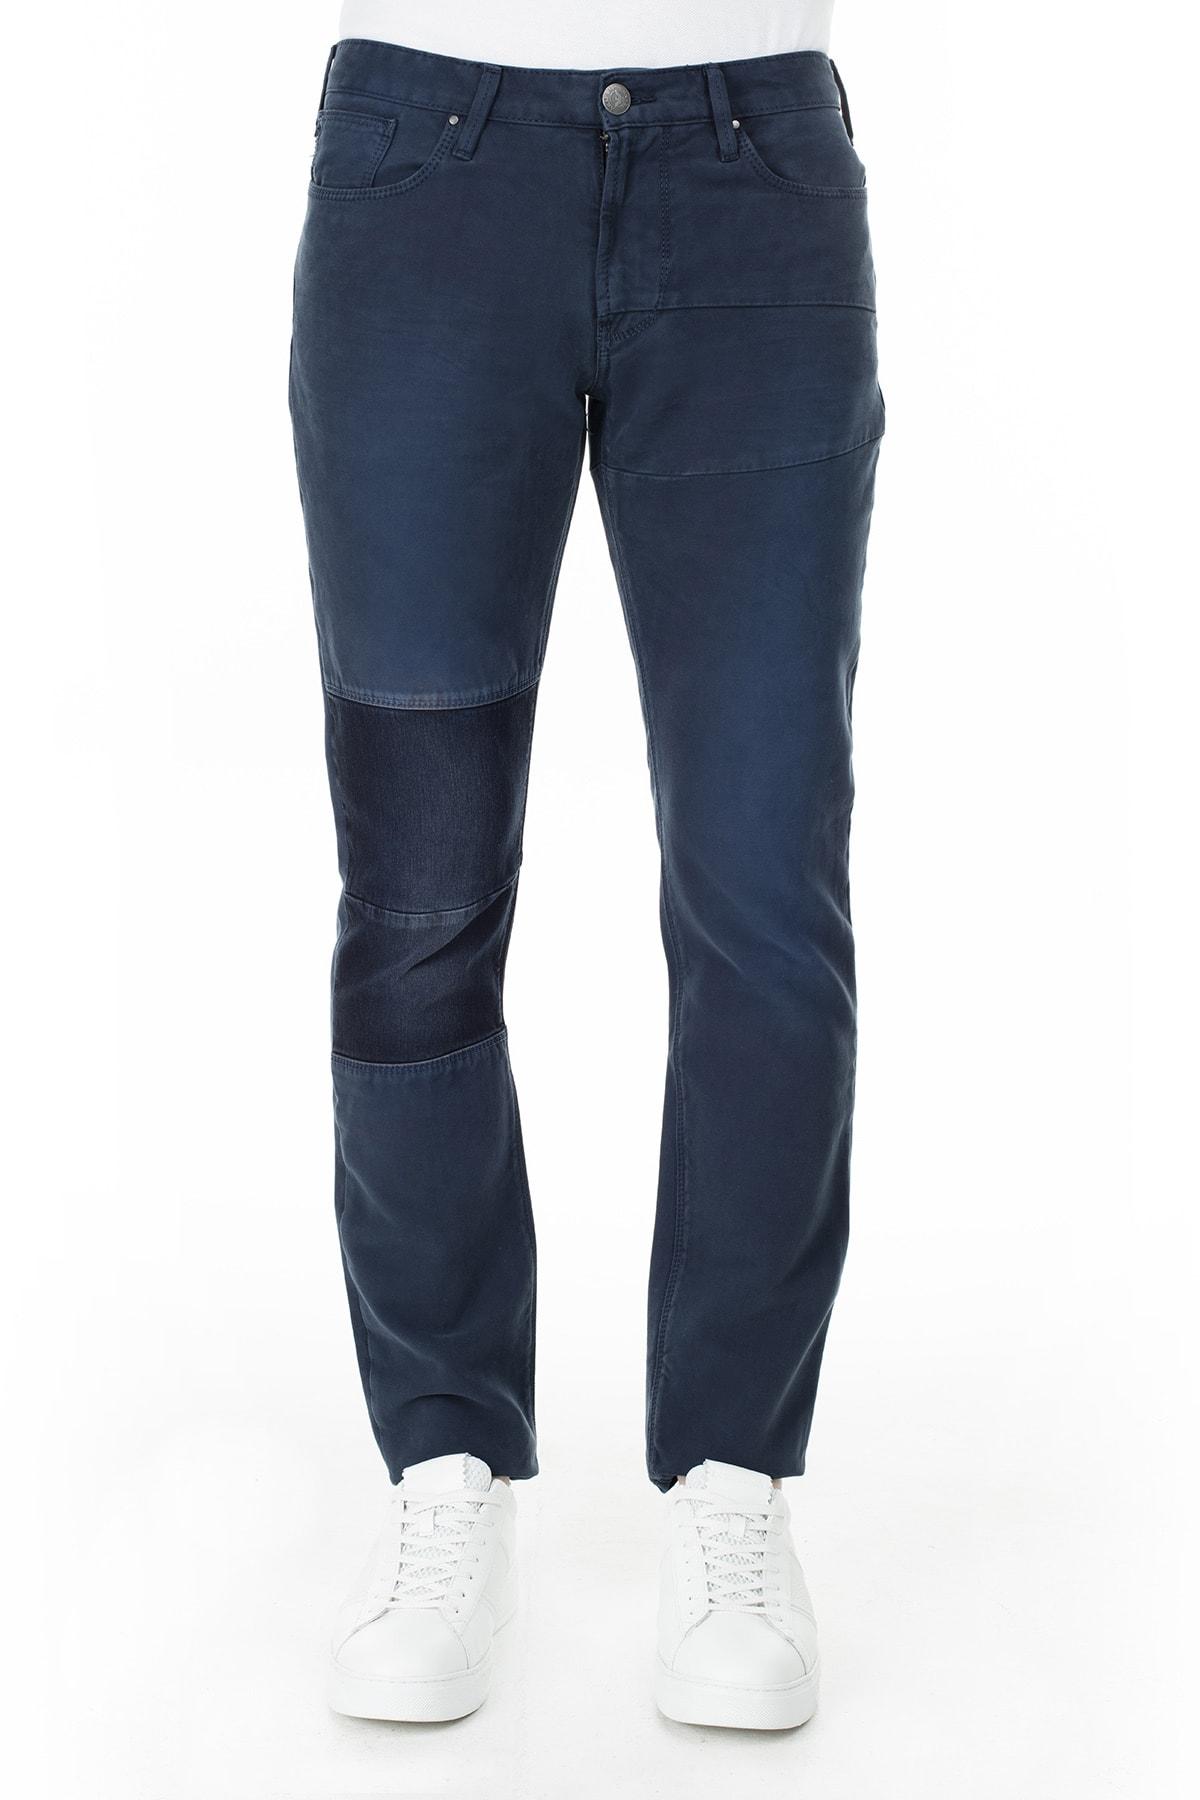 Armani Jeans J06 Jeans Erkek Pamuklu Pantolon 6Y6J06 6N1Iz 1579 2